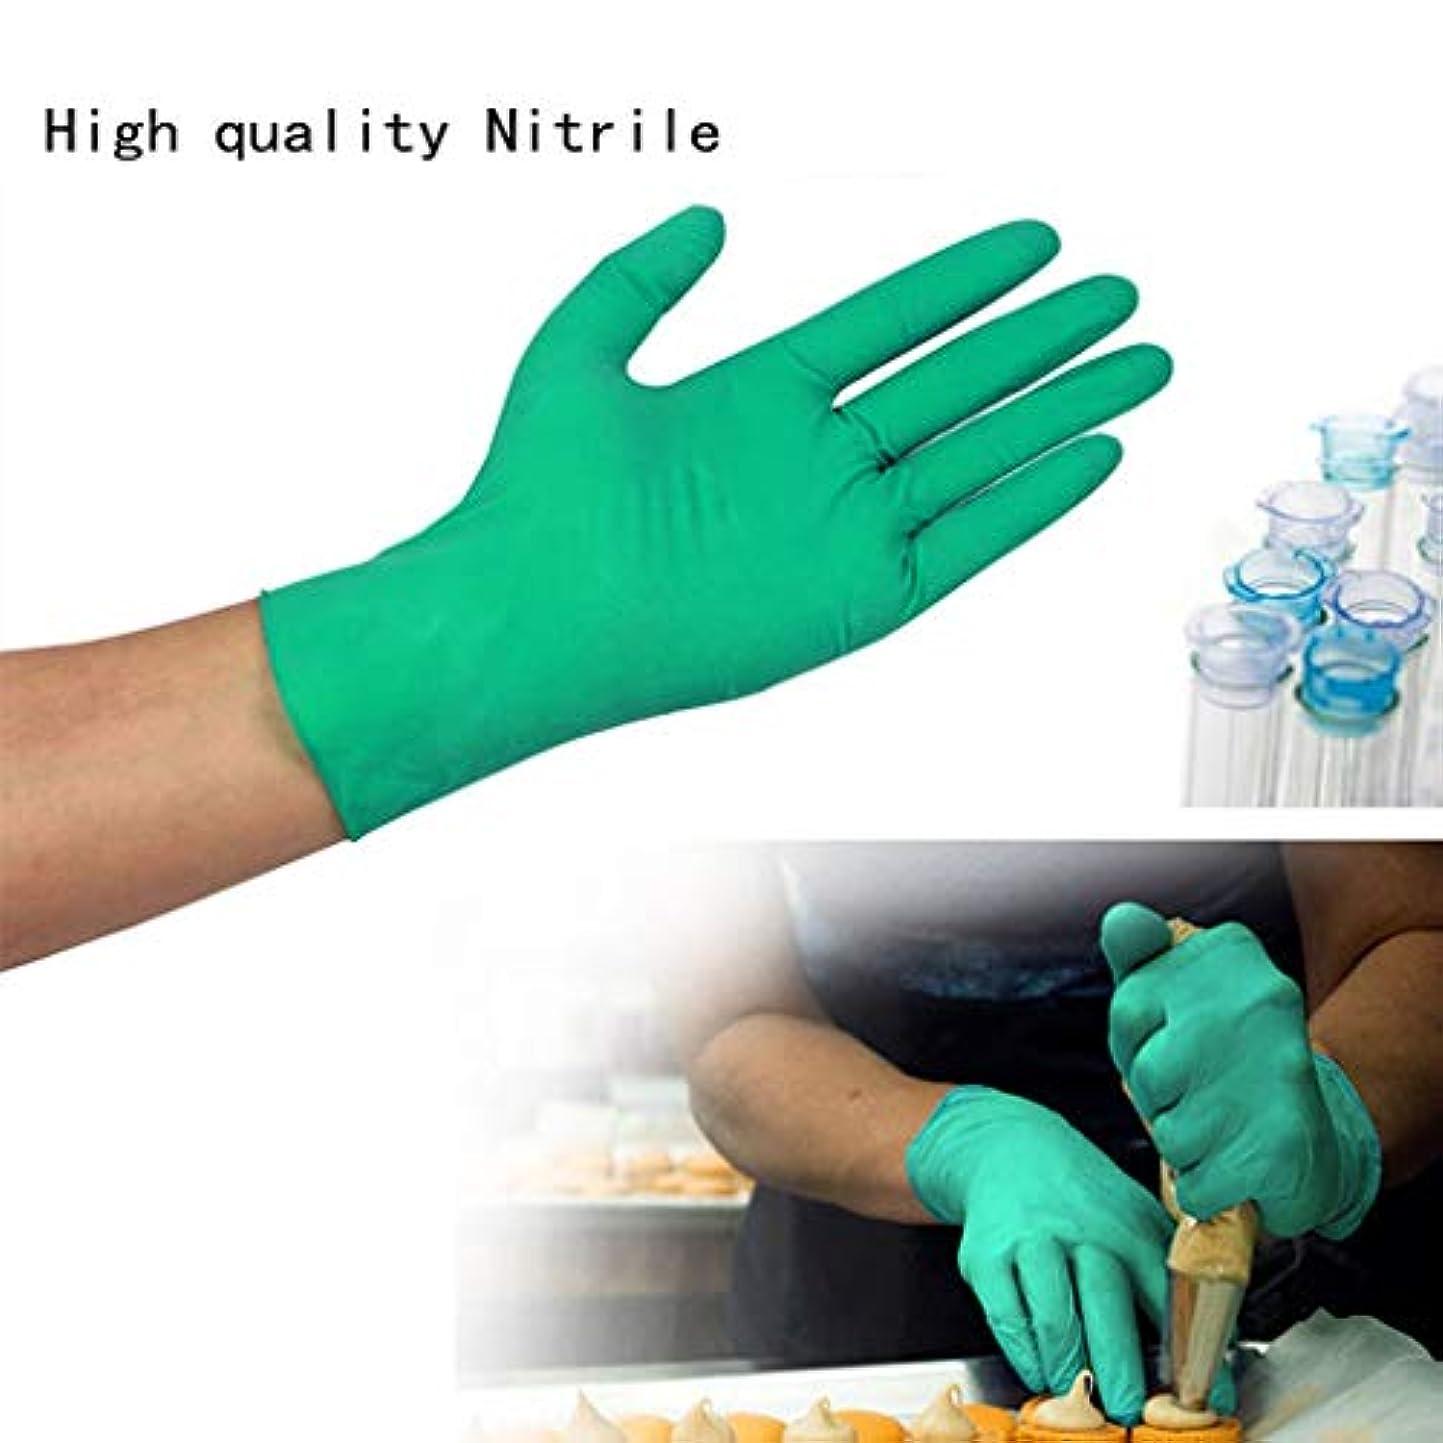 チャーミング共産主義者カイウスMittsニトリル手袋、パウダーフリー、ラテックスゴムフリー、使い捨て手袋 - 非滅菌、食品安全、医療用グレード、100PSの便利なディスペンサーパック、(追加強度)(S-L) (サイズ さいず : M m)